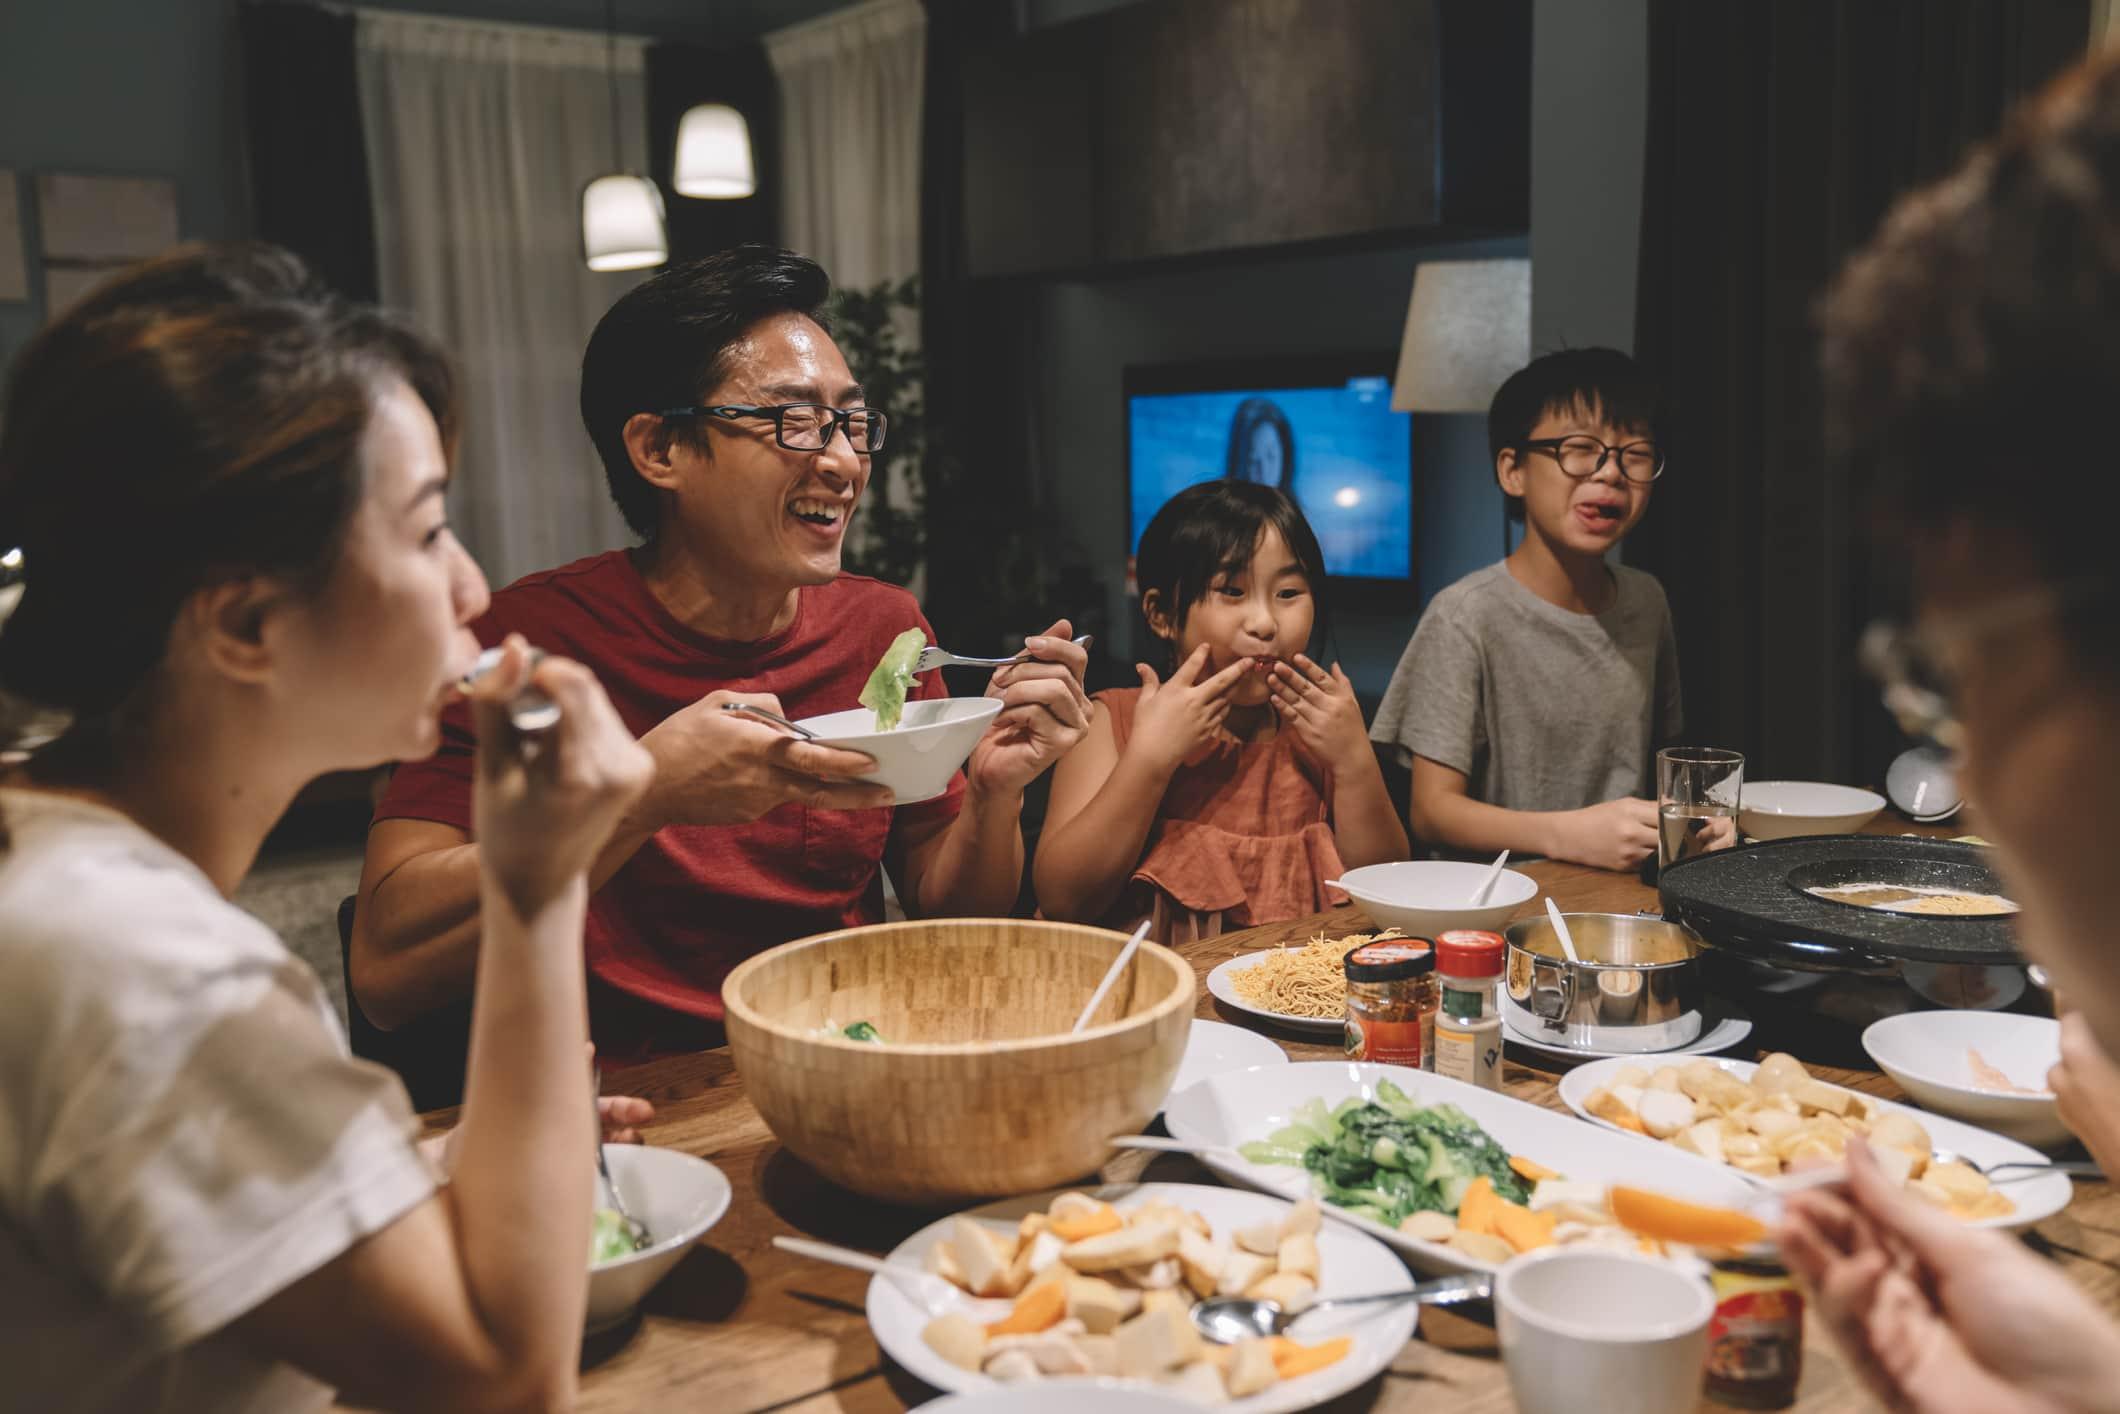 Các chủ đề về bữa tối ngon miệng: Cách để con bạn nói chuyện